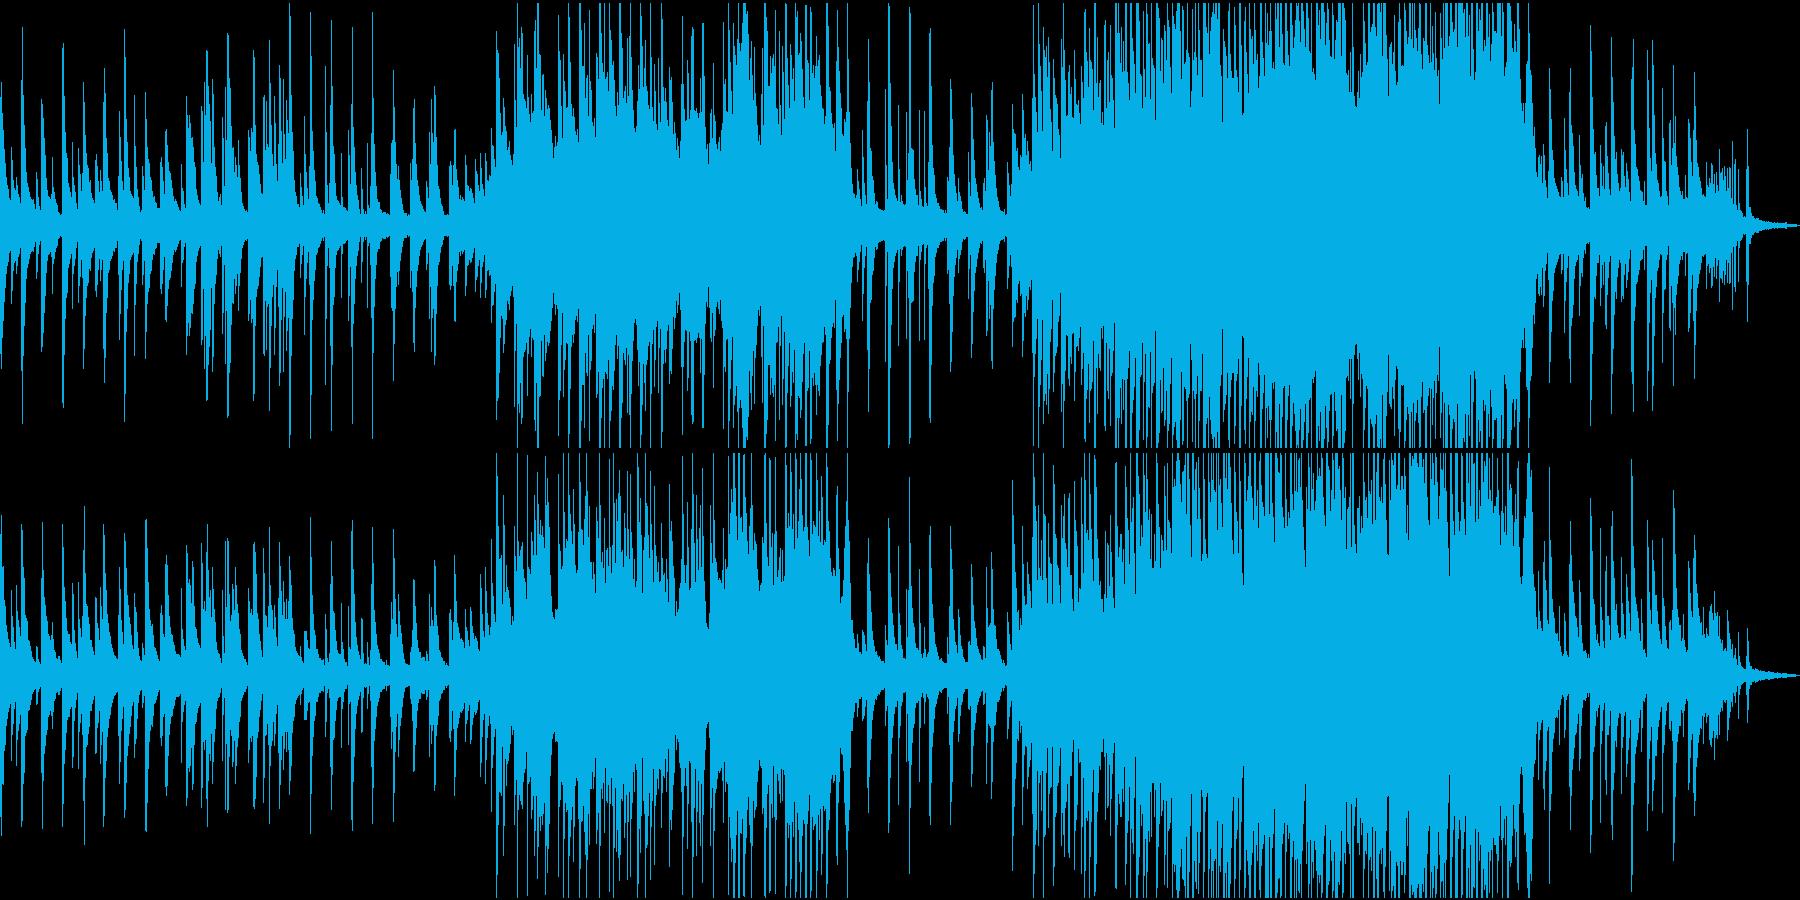 映画・ドラマ等で使用されるような楽曲の再生済みの波形